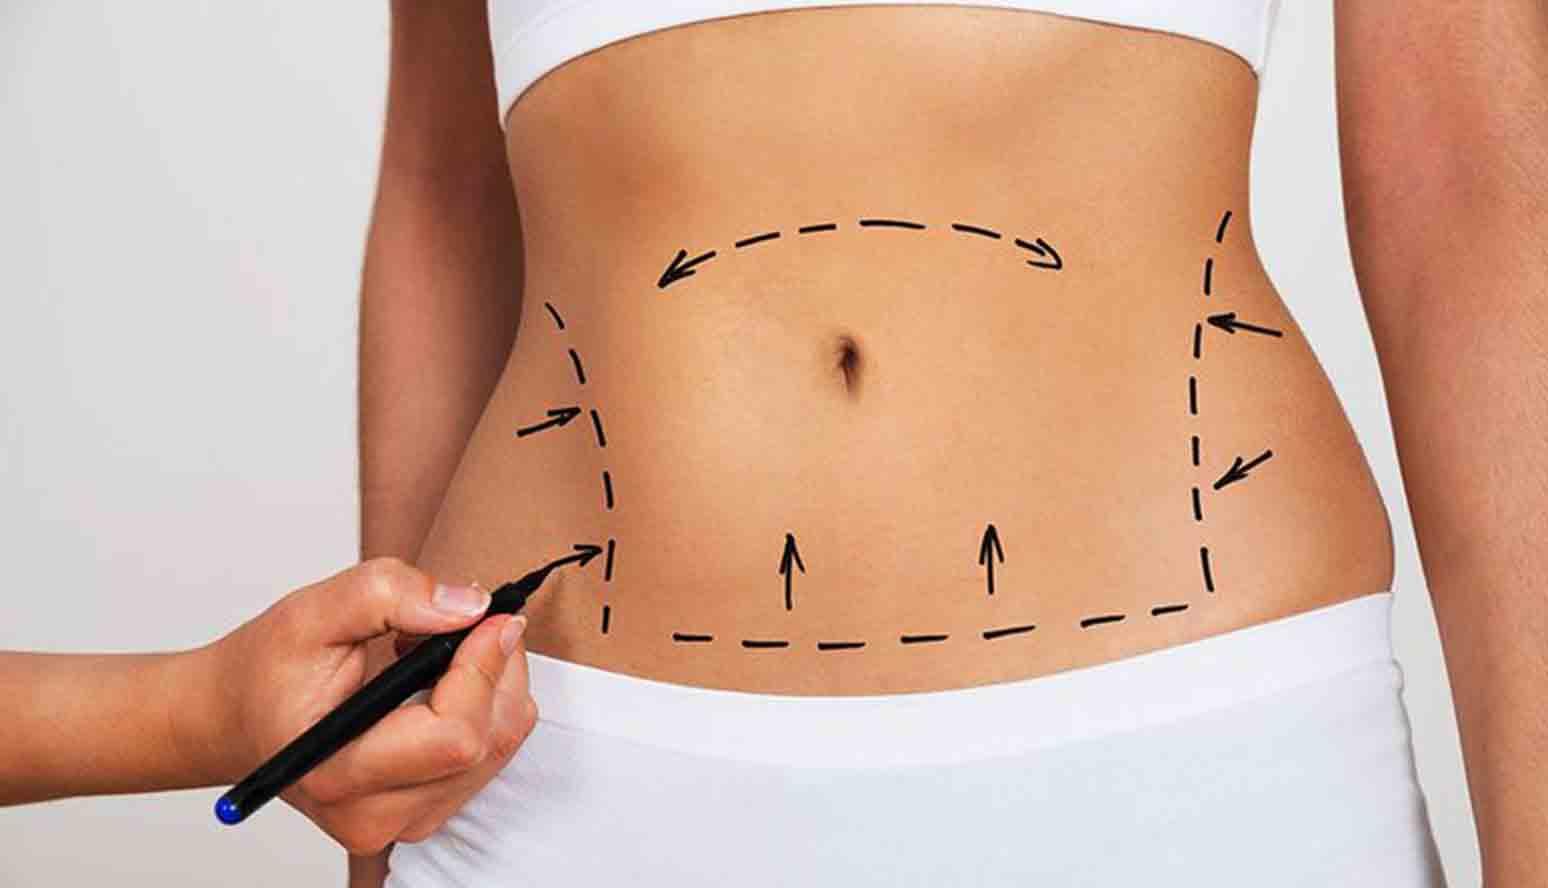 fettsuging og andre ulike inngrep